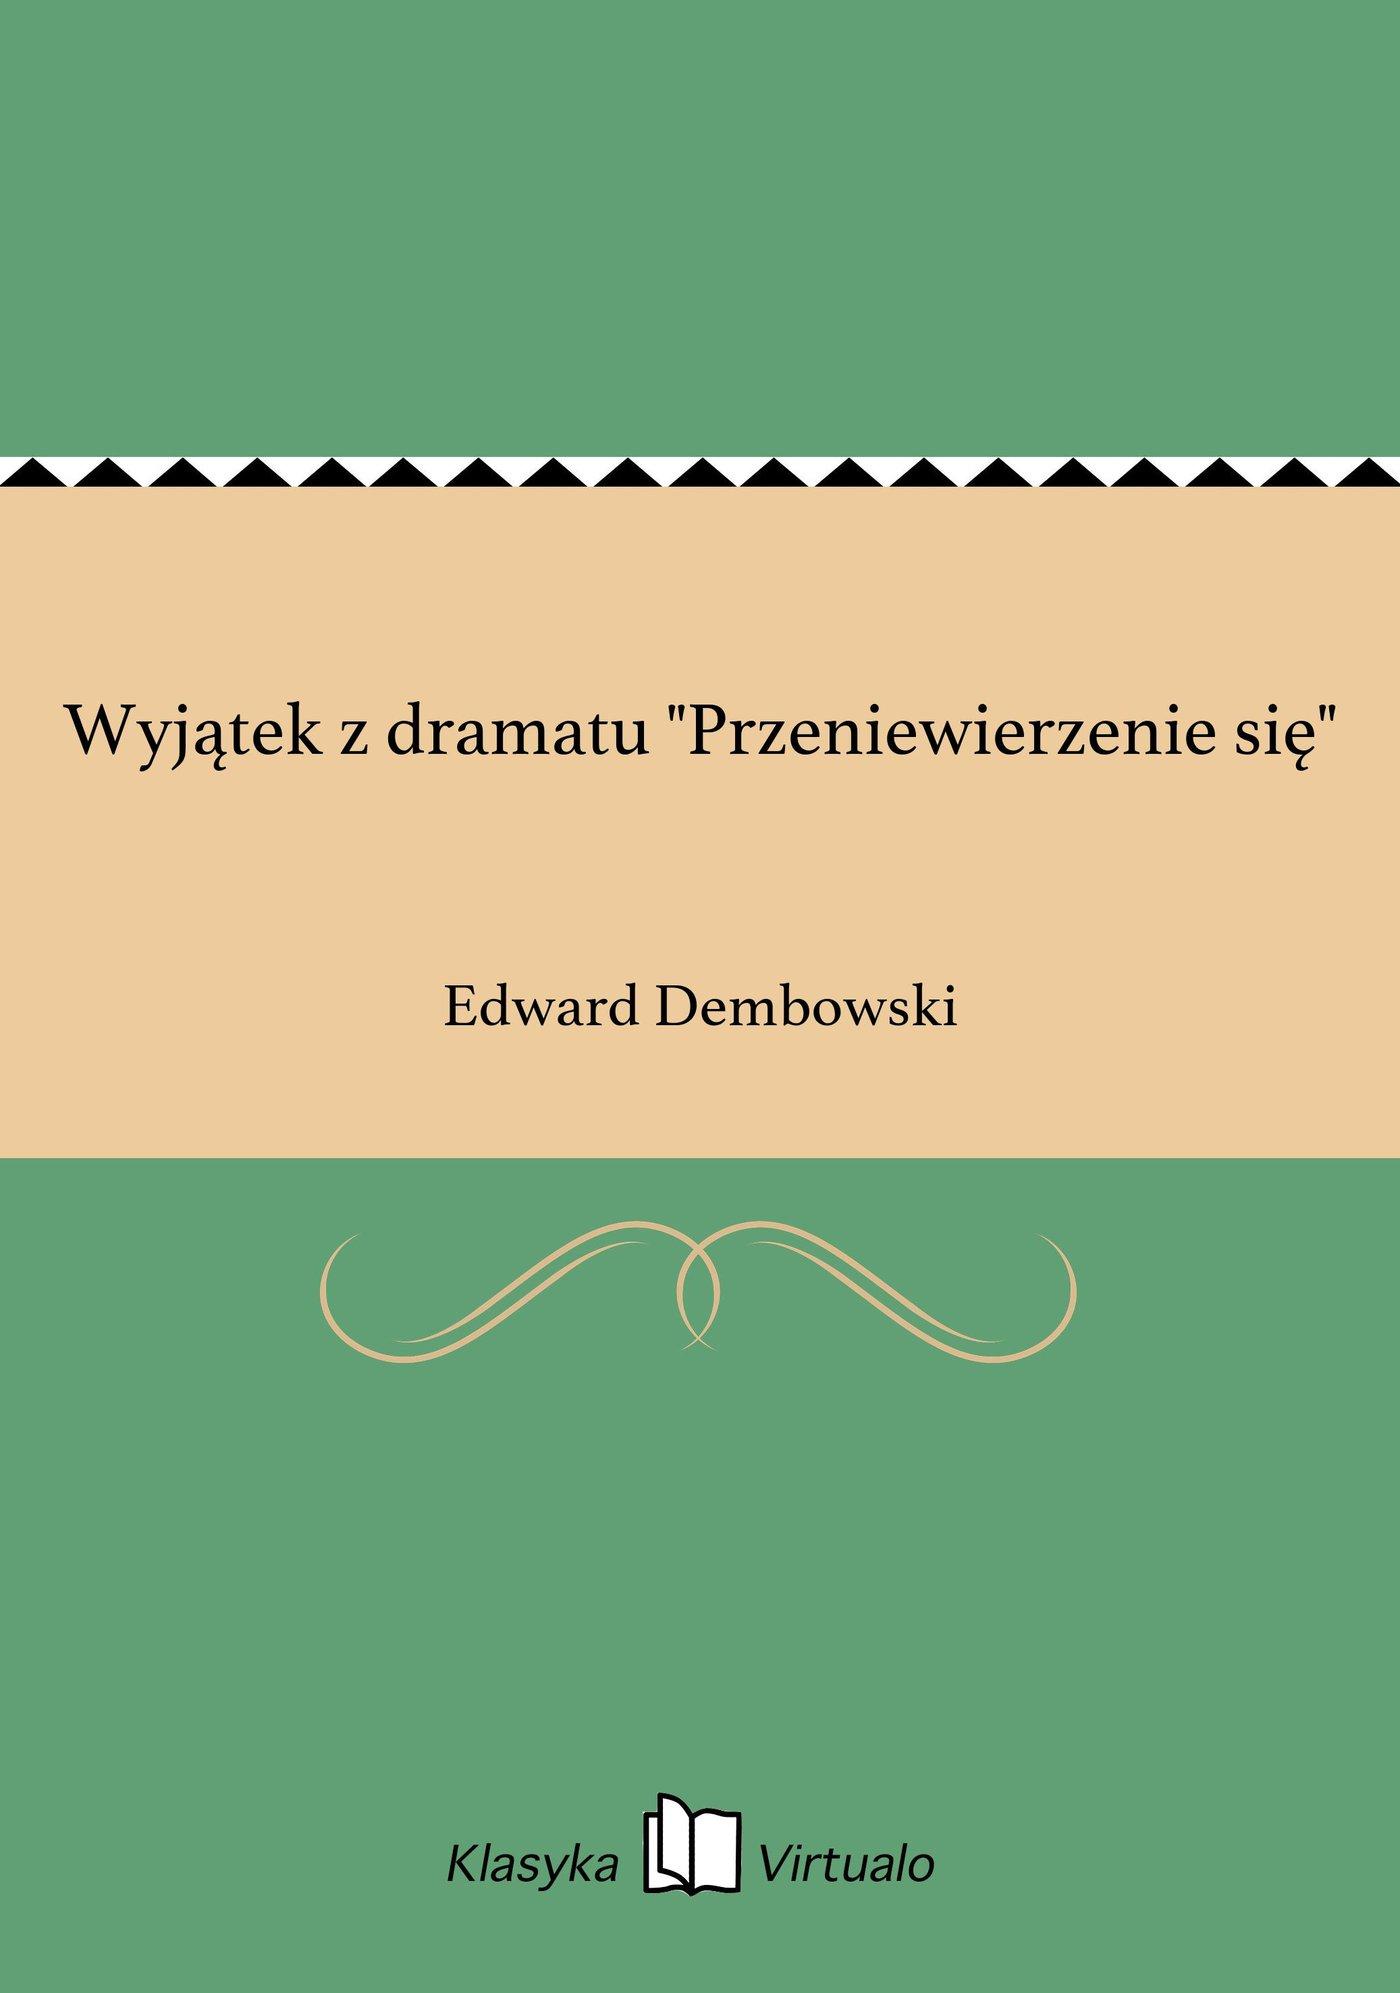 """Wyjątek z dramatu """"Przeniewierzenie się"""" - Ebook (Książka EPUB) do pobrania w formacie EPUB"""